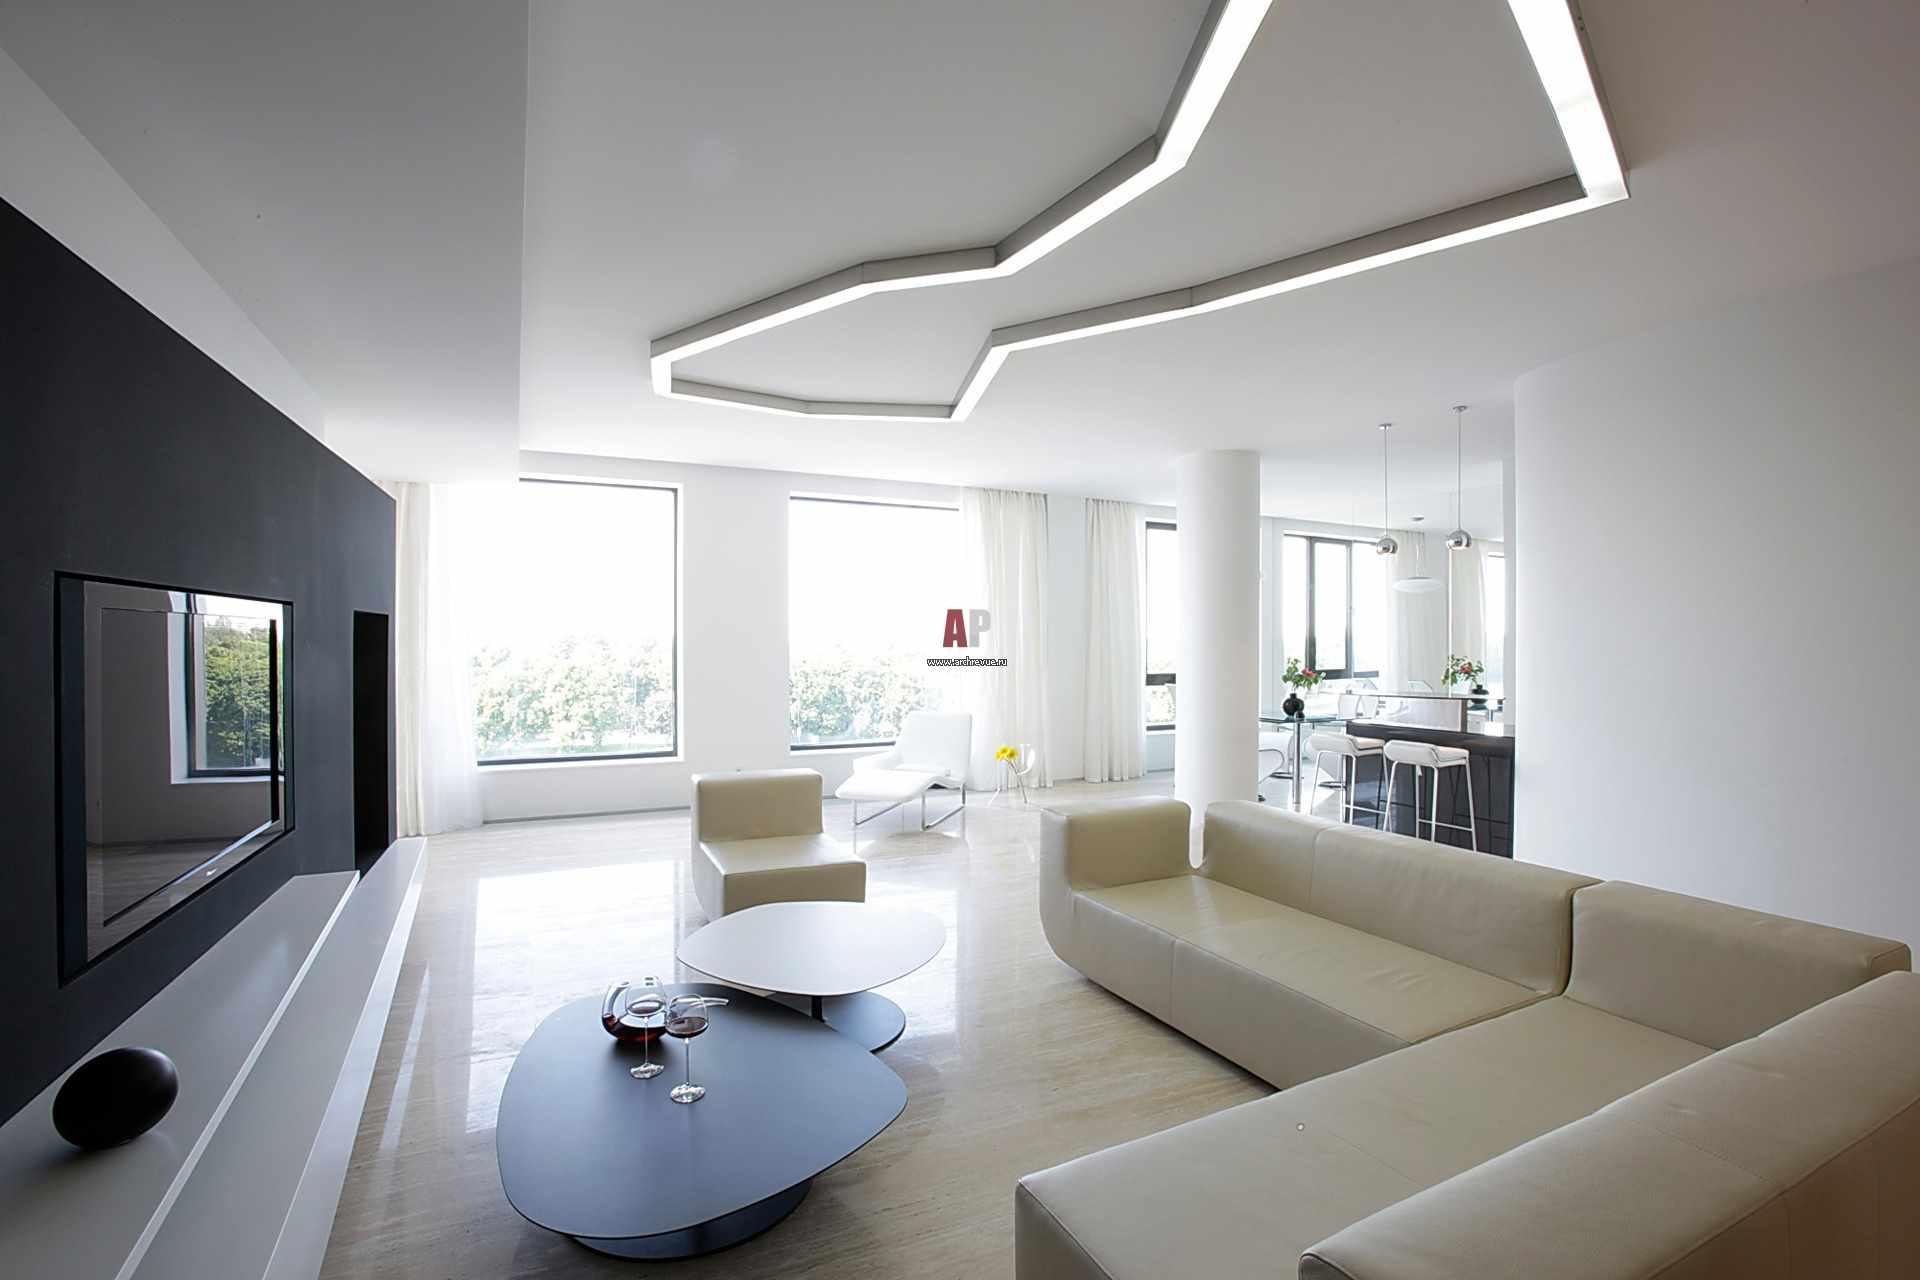 một ví dụ về việc sử dụng một thiết kế khác thường của phòng khách theo phong cách tối giản